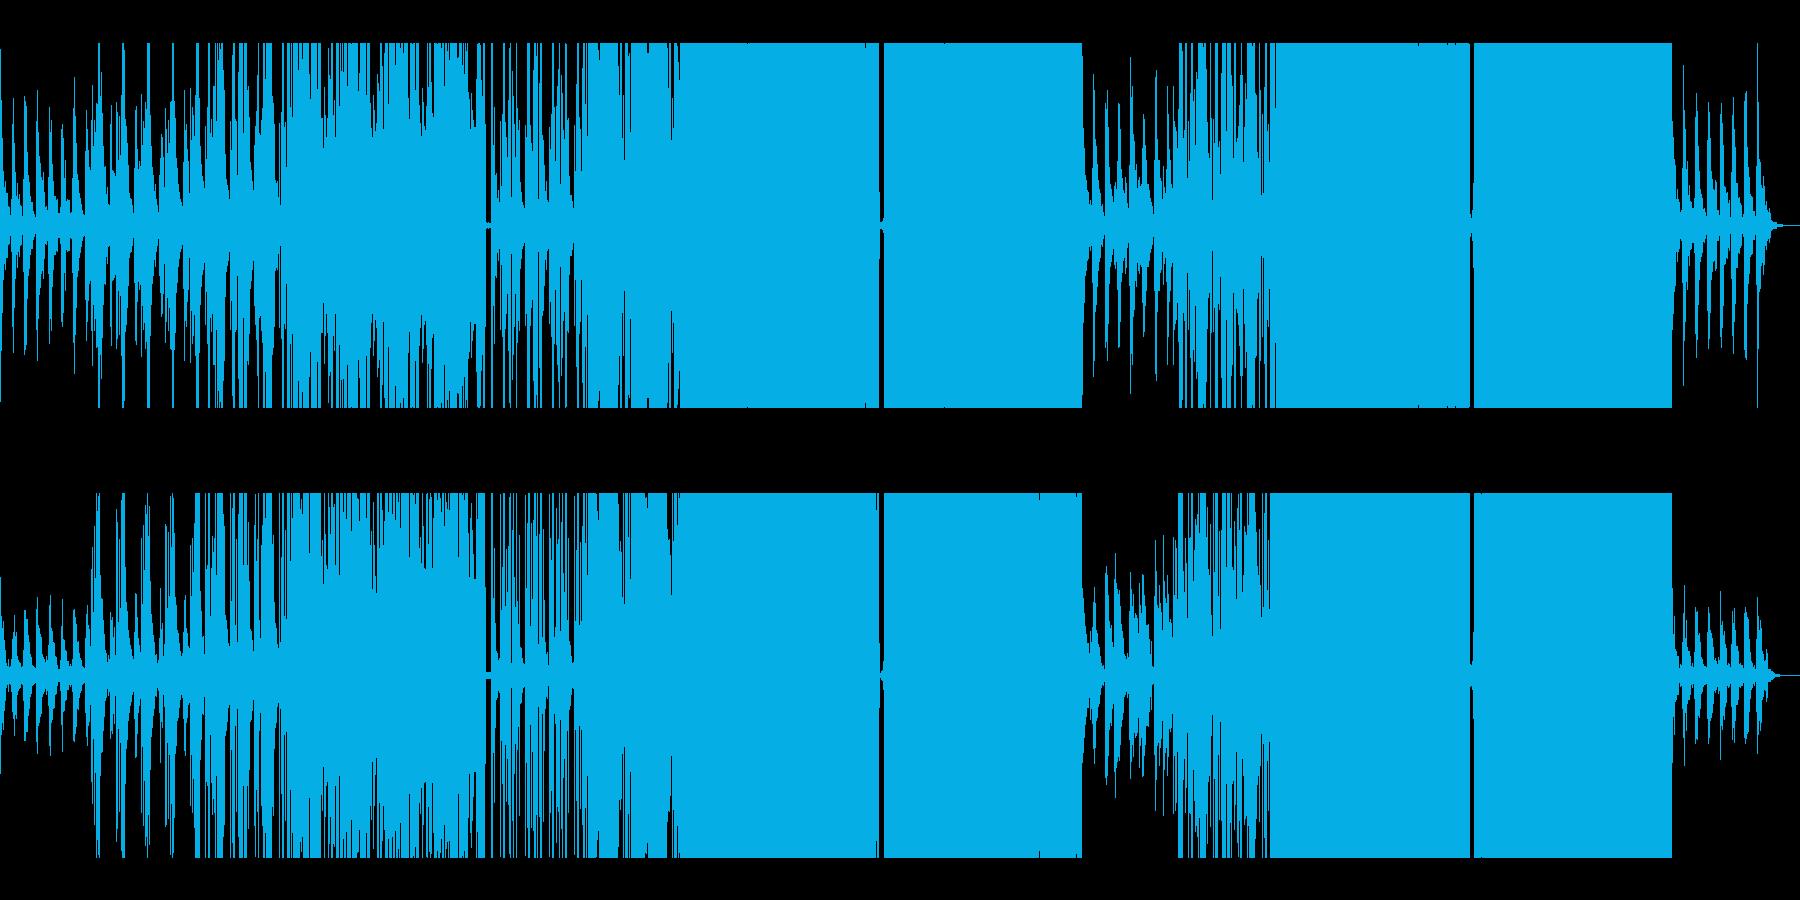 【リミックス】ピアノが印象的なポップスの再生済みの波形